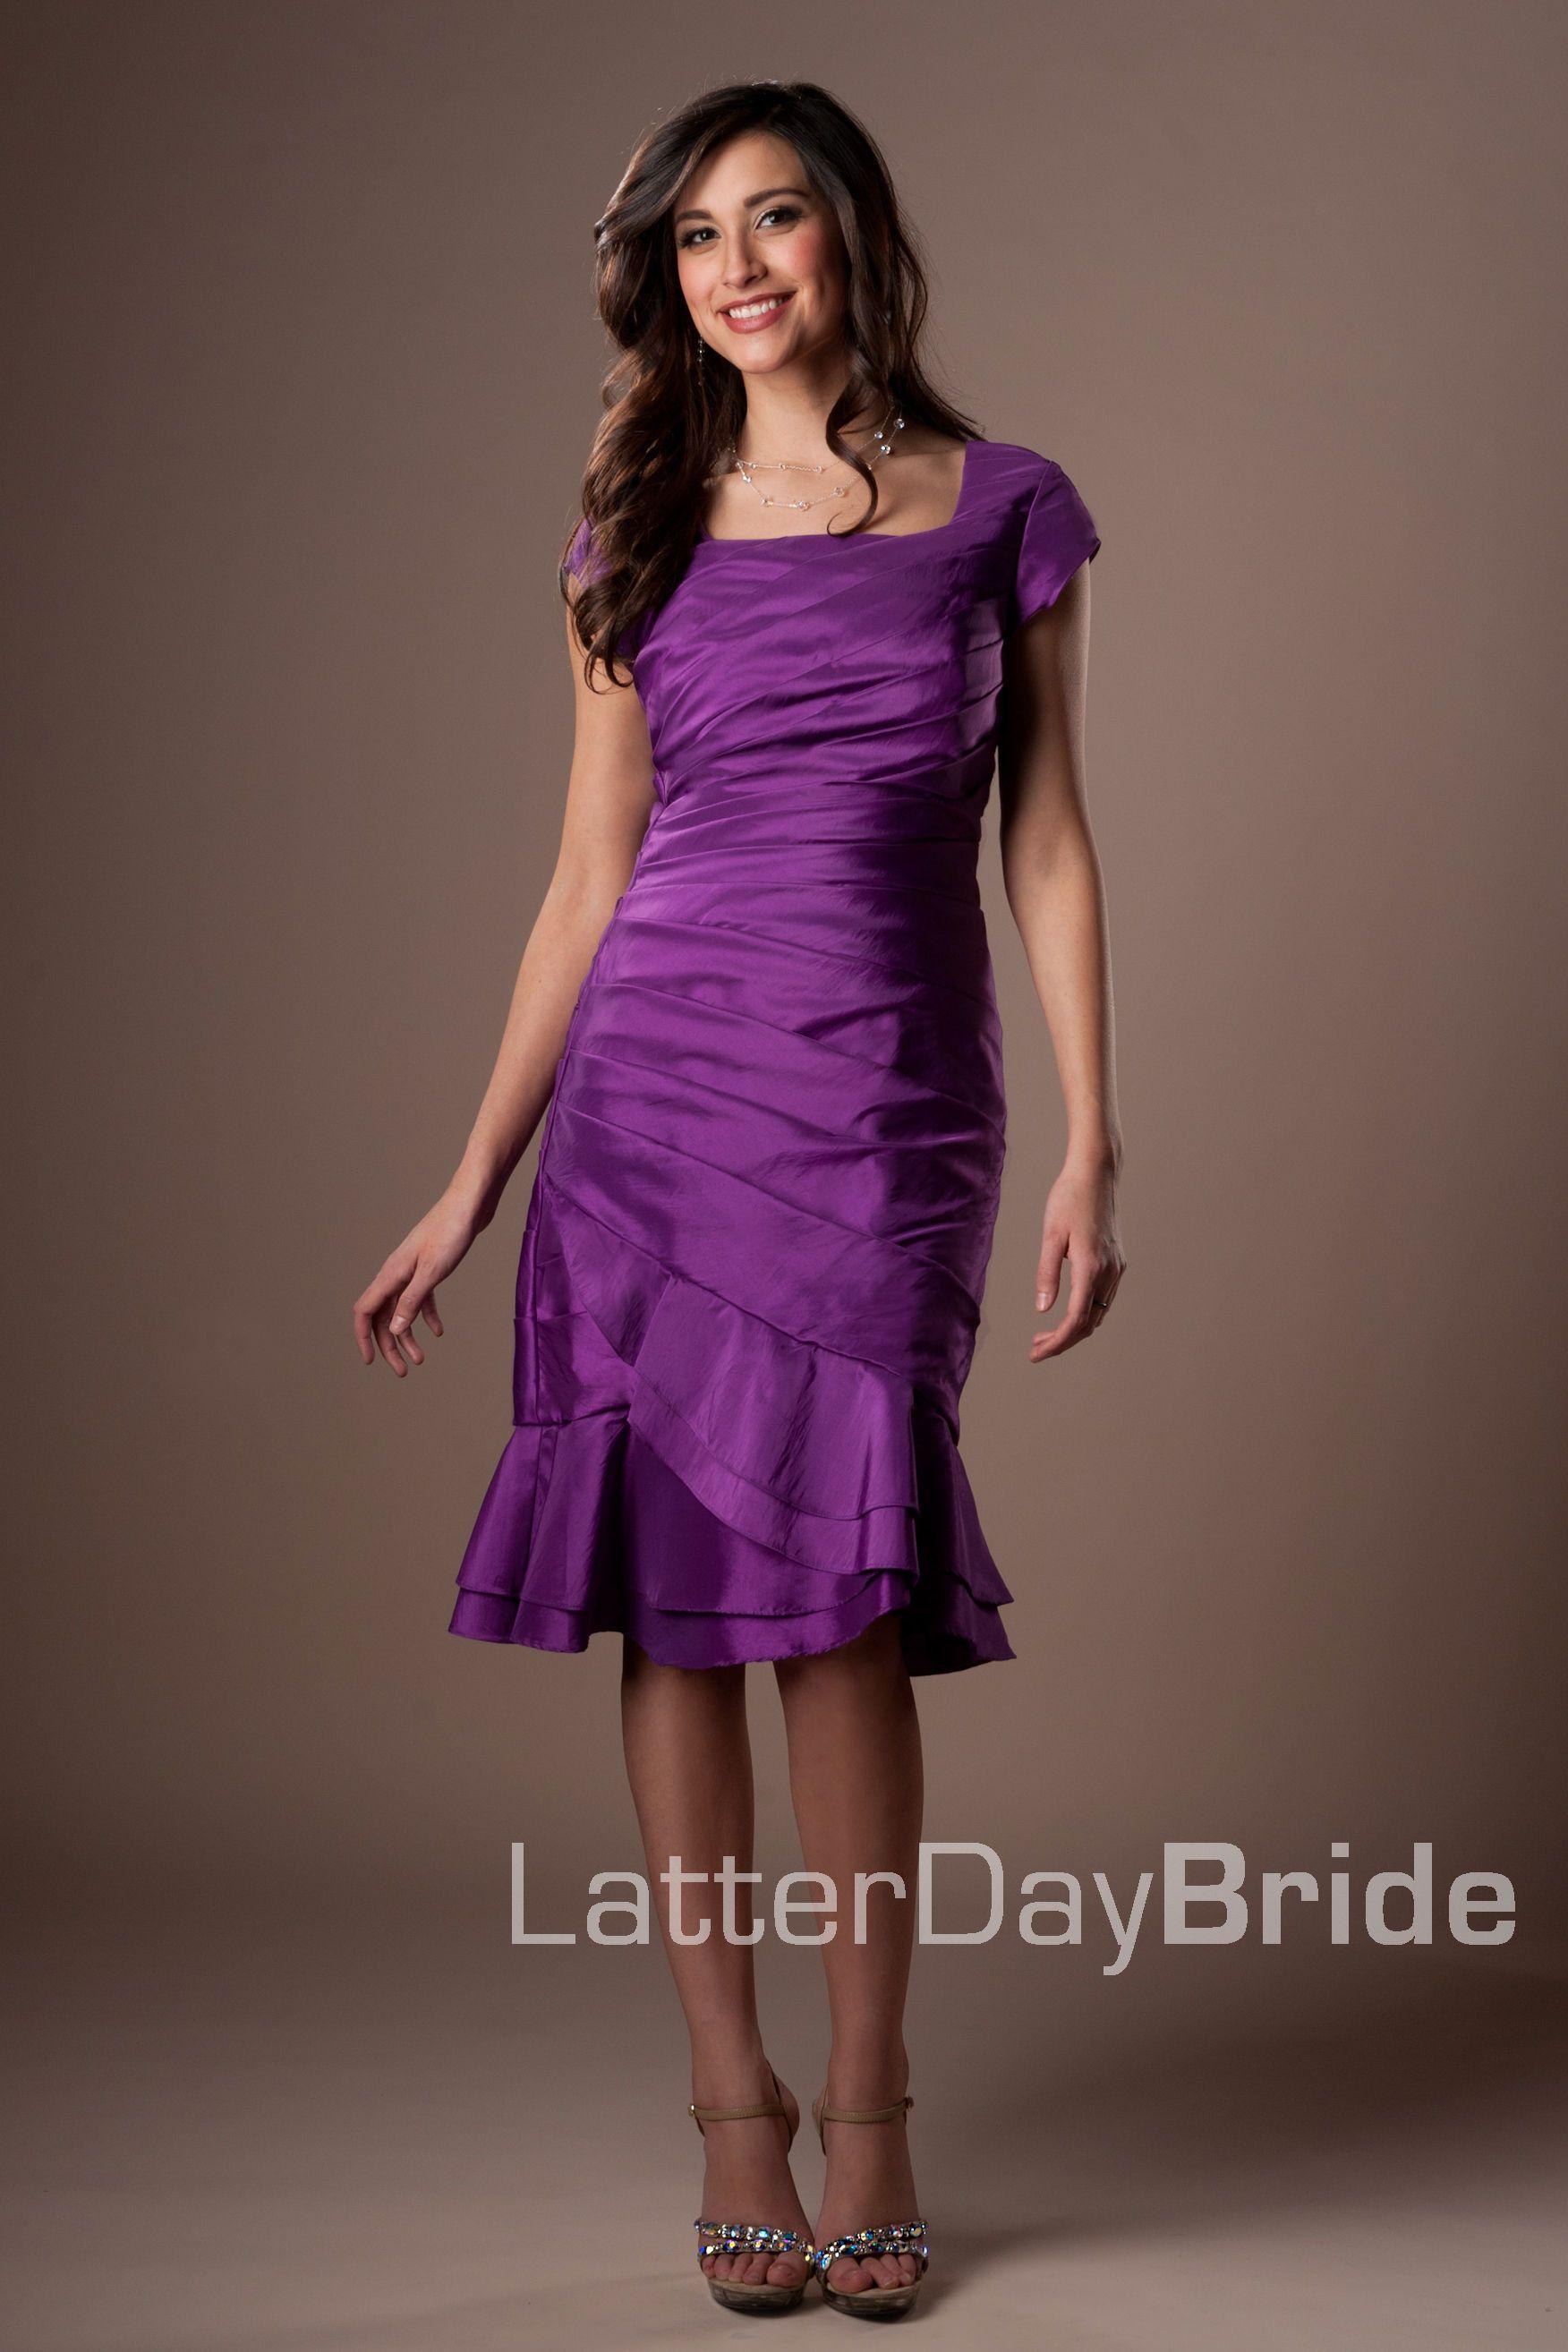 Único Vestidos De Dama Mormón Modelo - Ideas de Vestidos de Boda ...